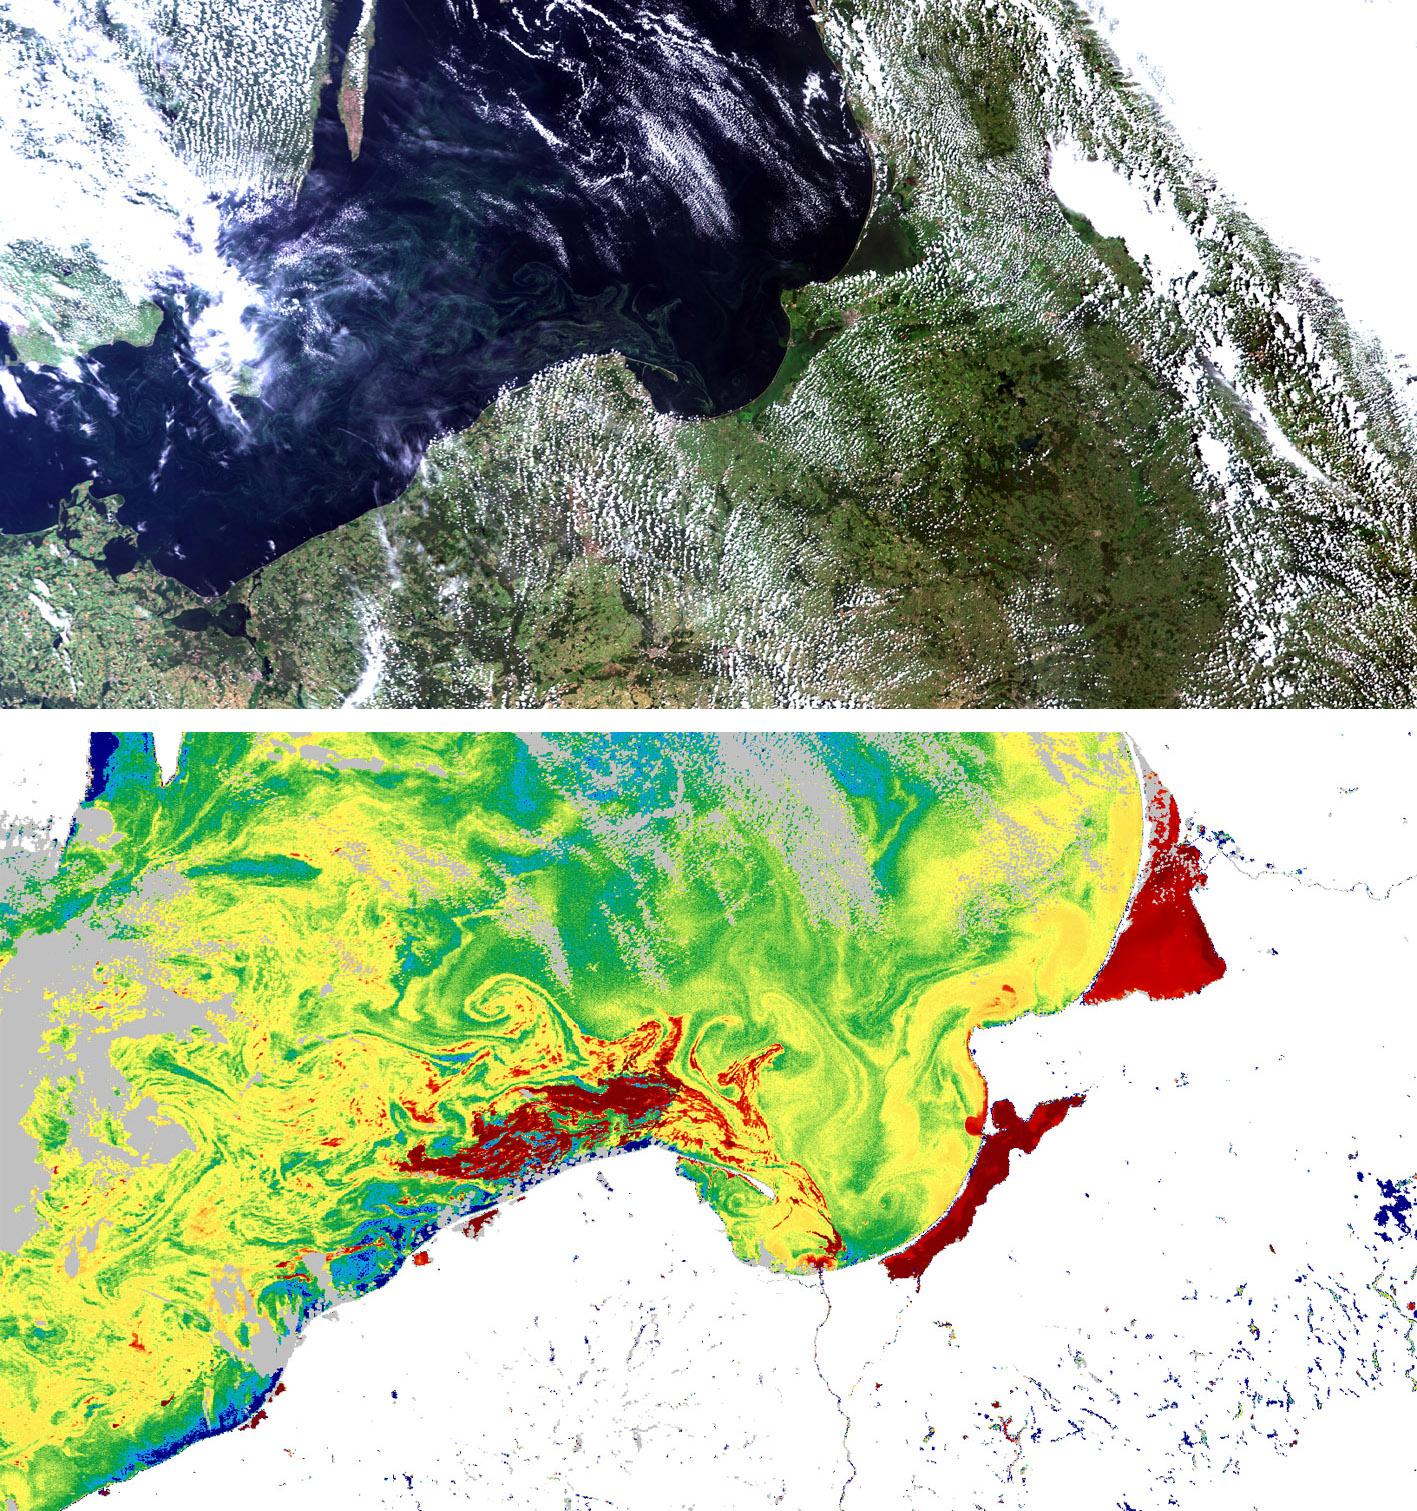 Obrazy z przelotu Sentinel-3; kompozycje barwne RGB True Colors. Subset 2 obejmuje całe nasze Wybrzeże, a Subset 4 jego wschodnią część. Opracowano w ZTS IMGW-PIB.